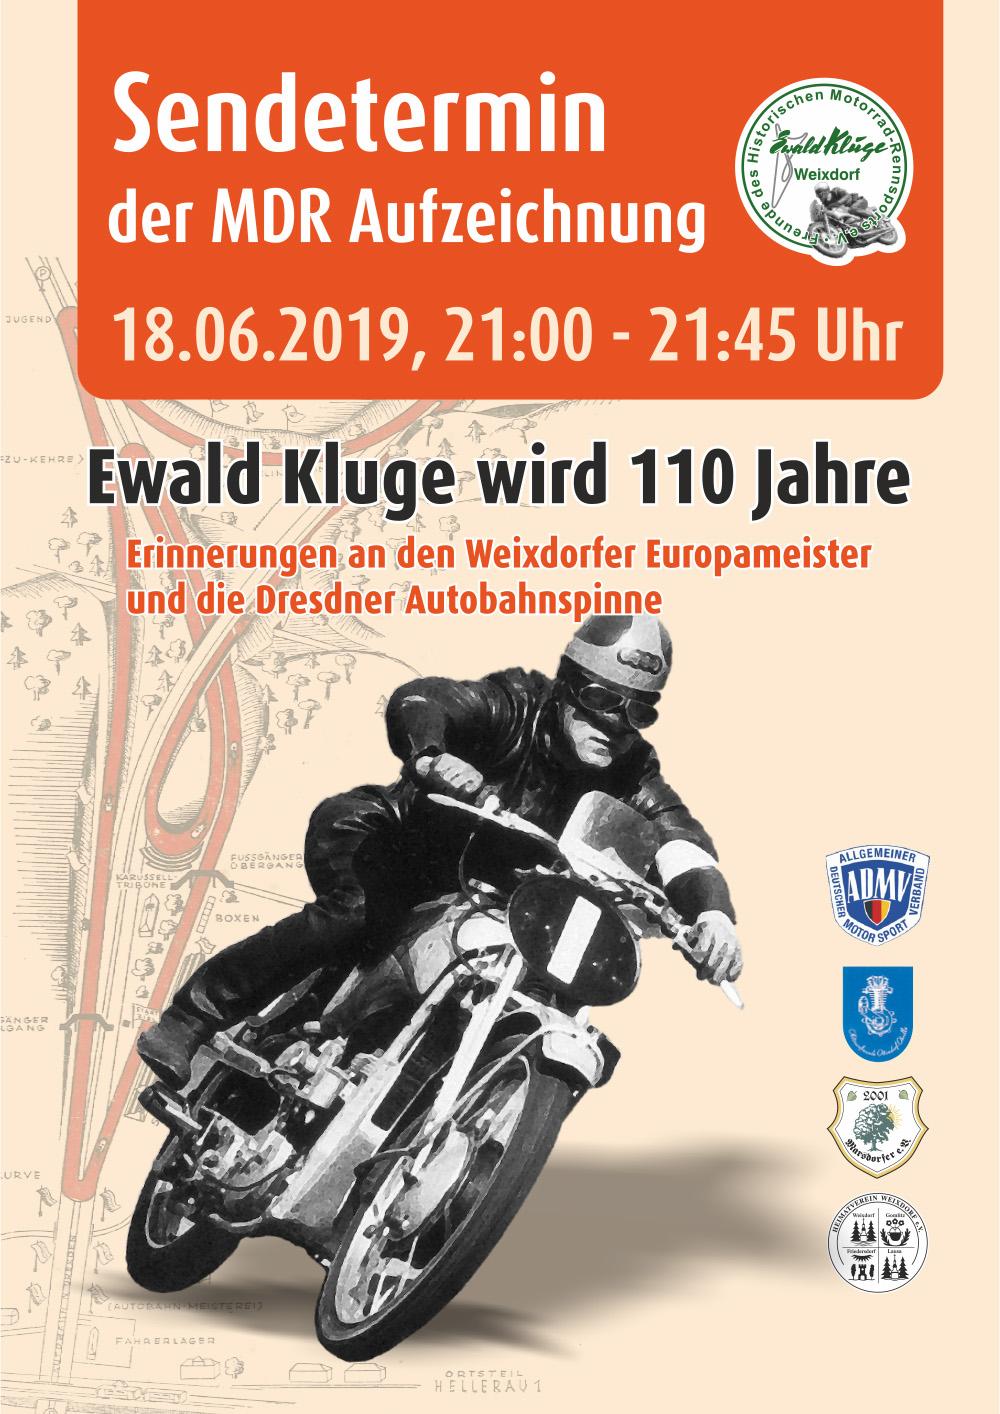 Ewald Kluge Sendetermin